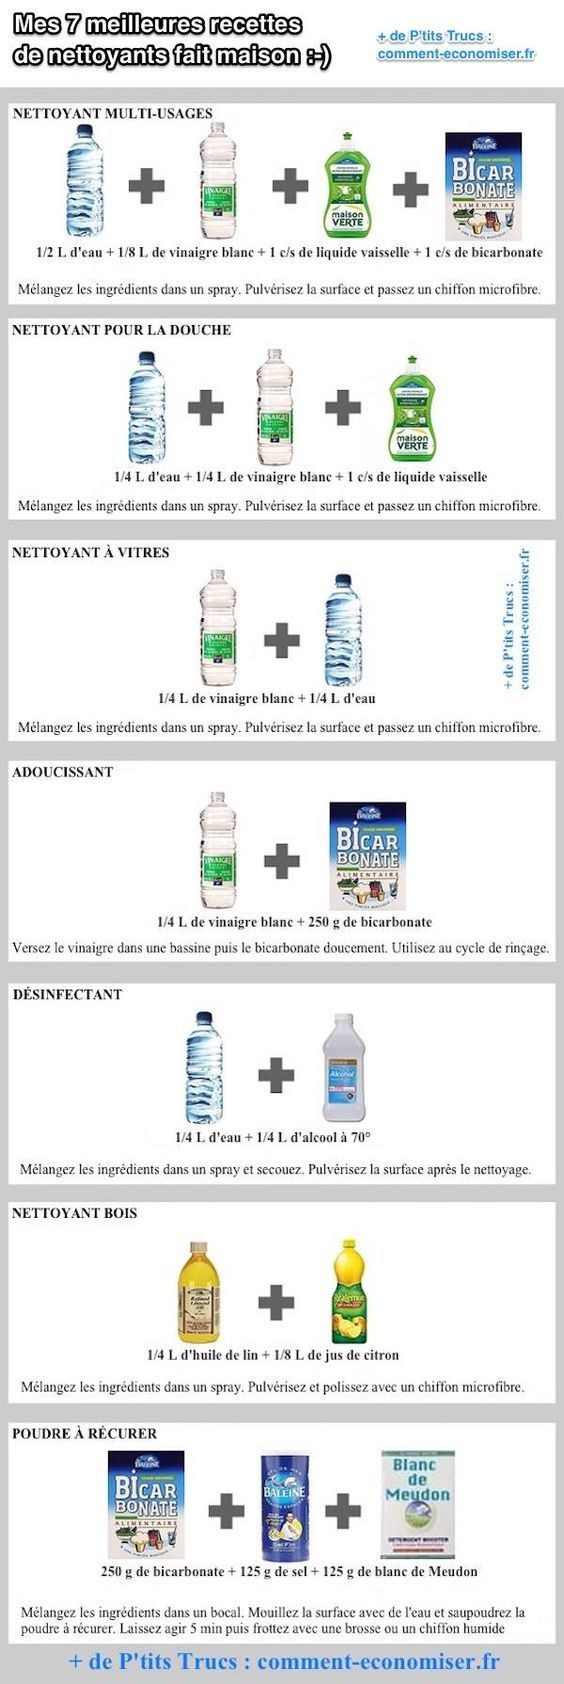 Les 7 meilleures recettes de nettoyants fait maison